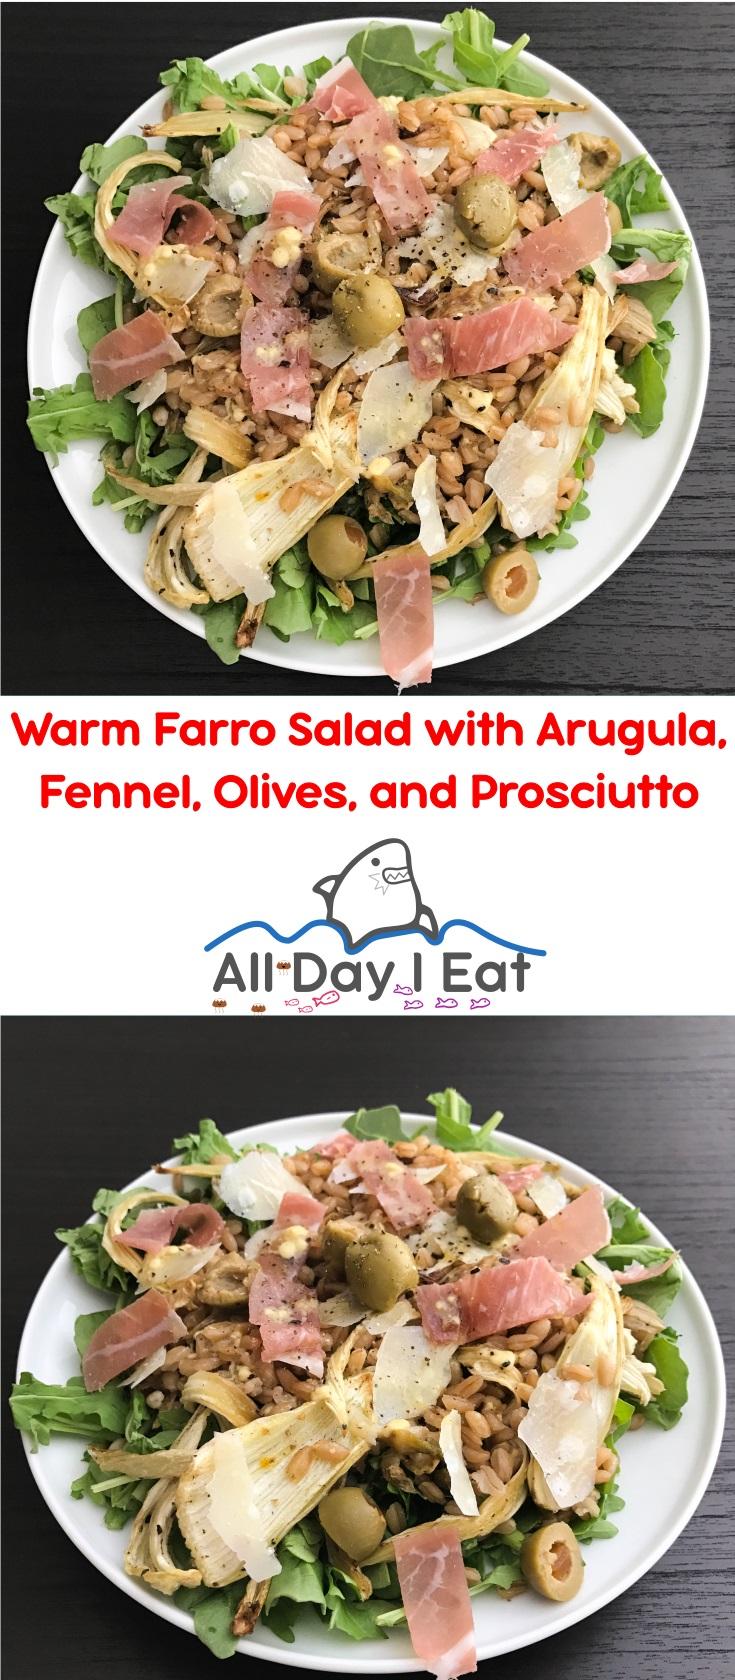 Warm Farro Salad with Arugula, Fennel, Olives, and Prosciutto | www.alldayieat.com